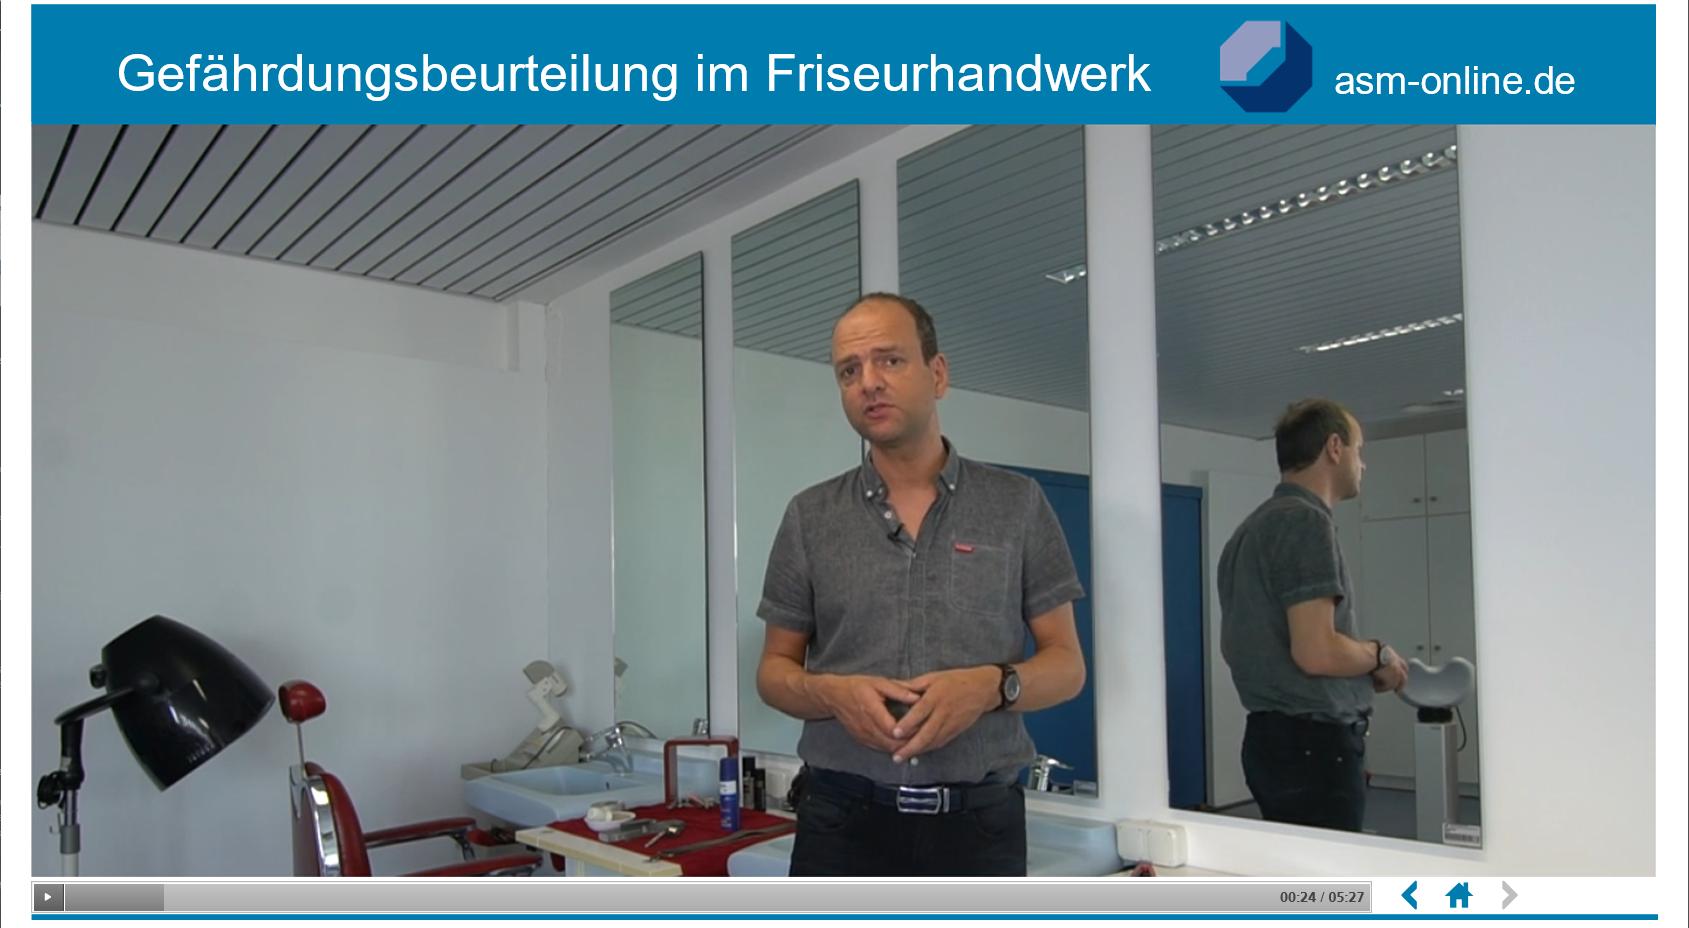 Abbildung eines E-Learning zum Thema Gefährdungsbeurteilung im Friseurhandwerk